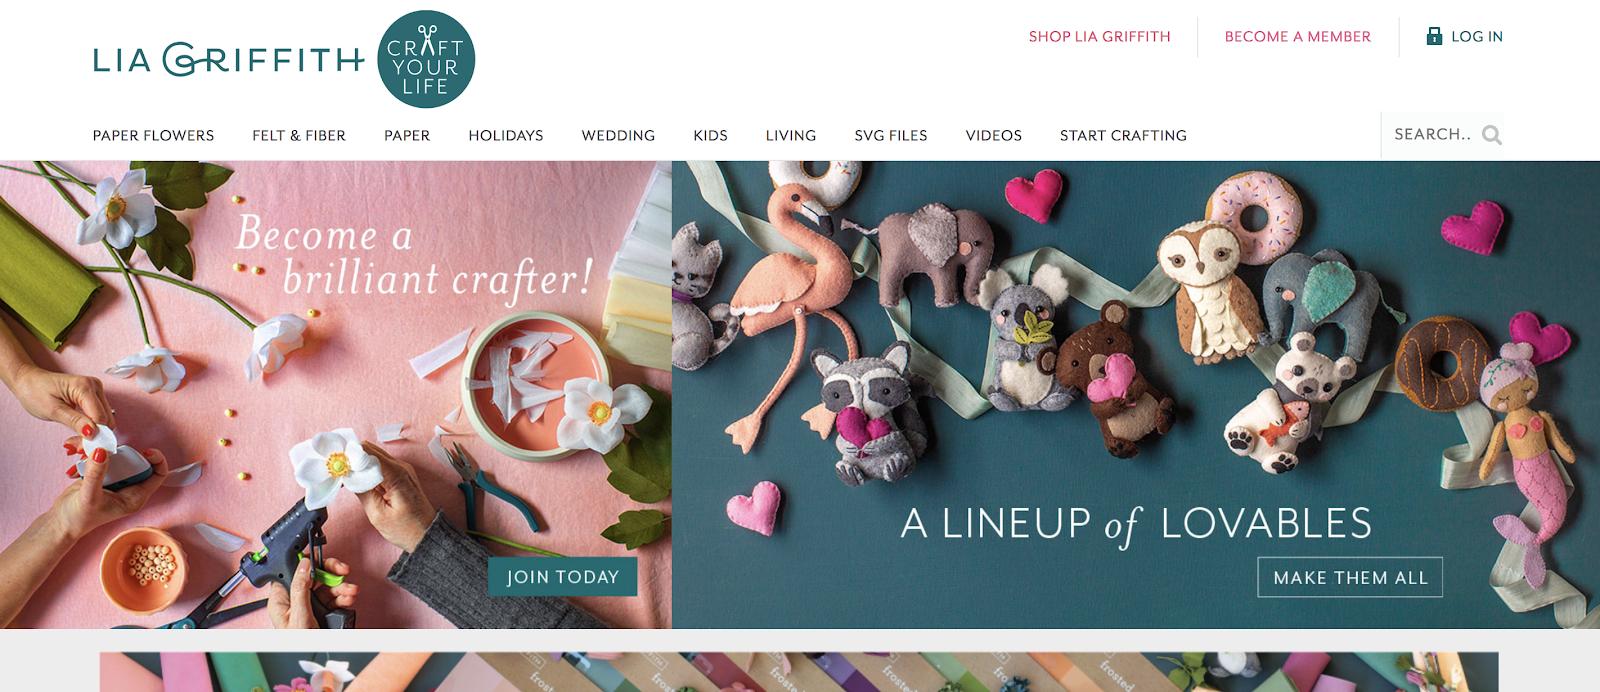 Schermata della homepage di Lia Griffith